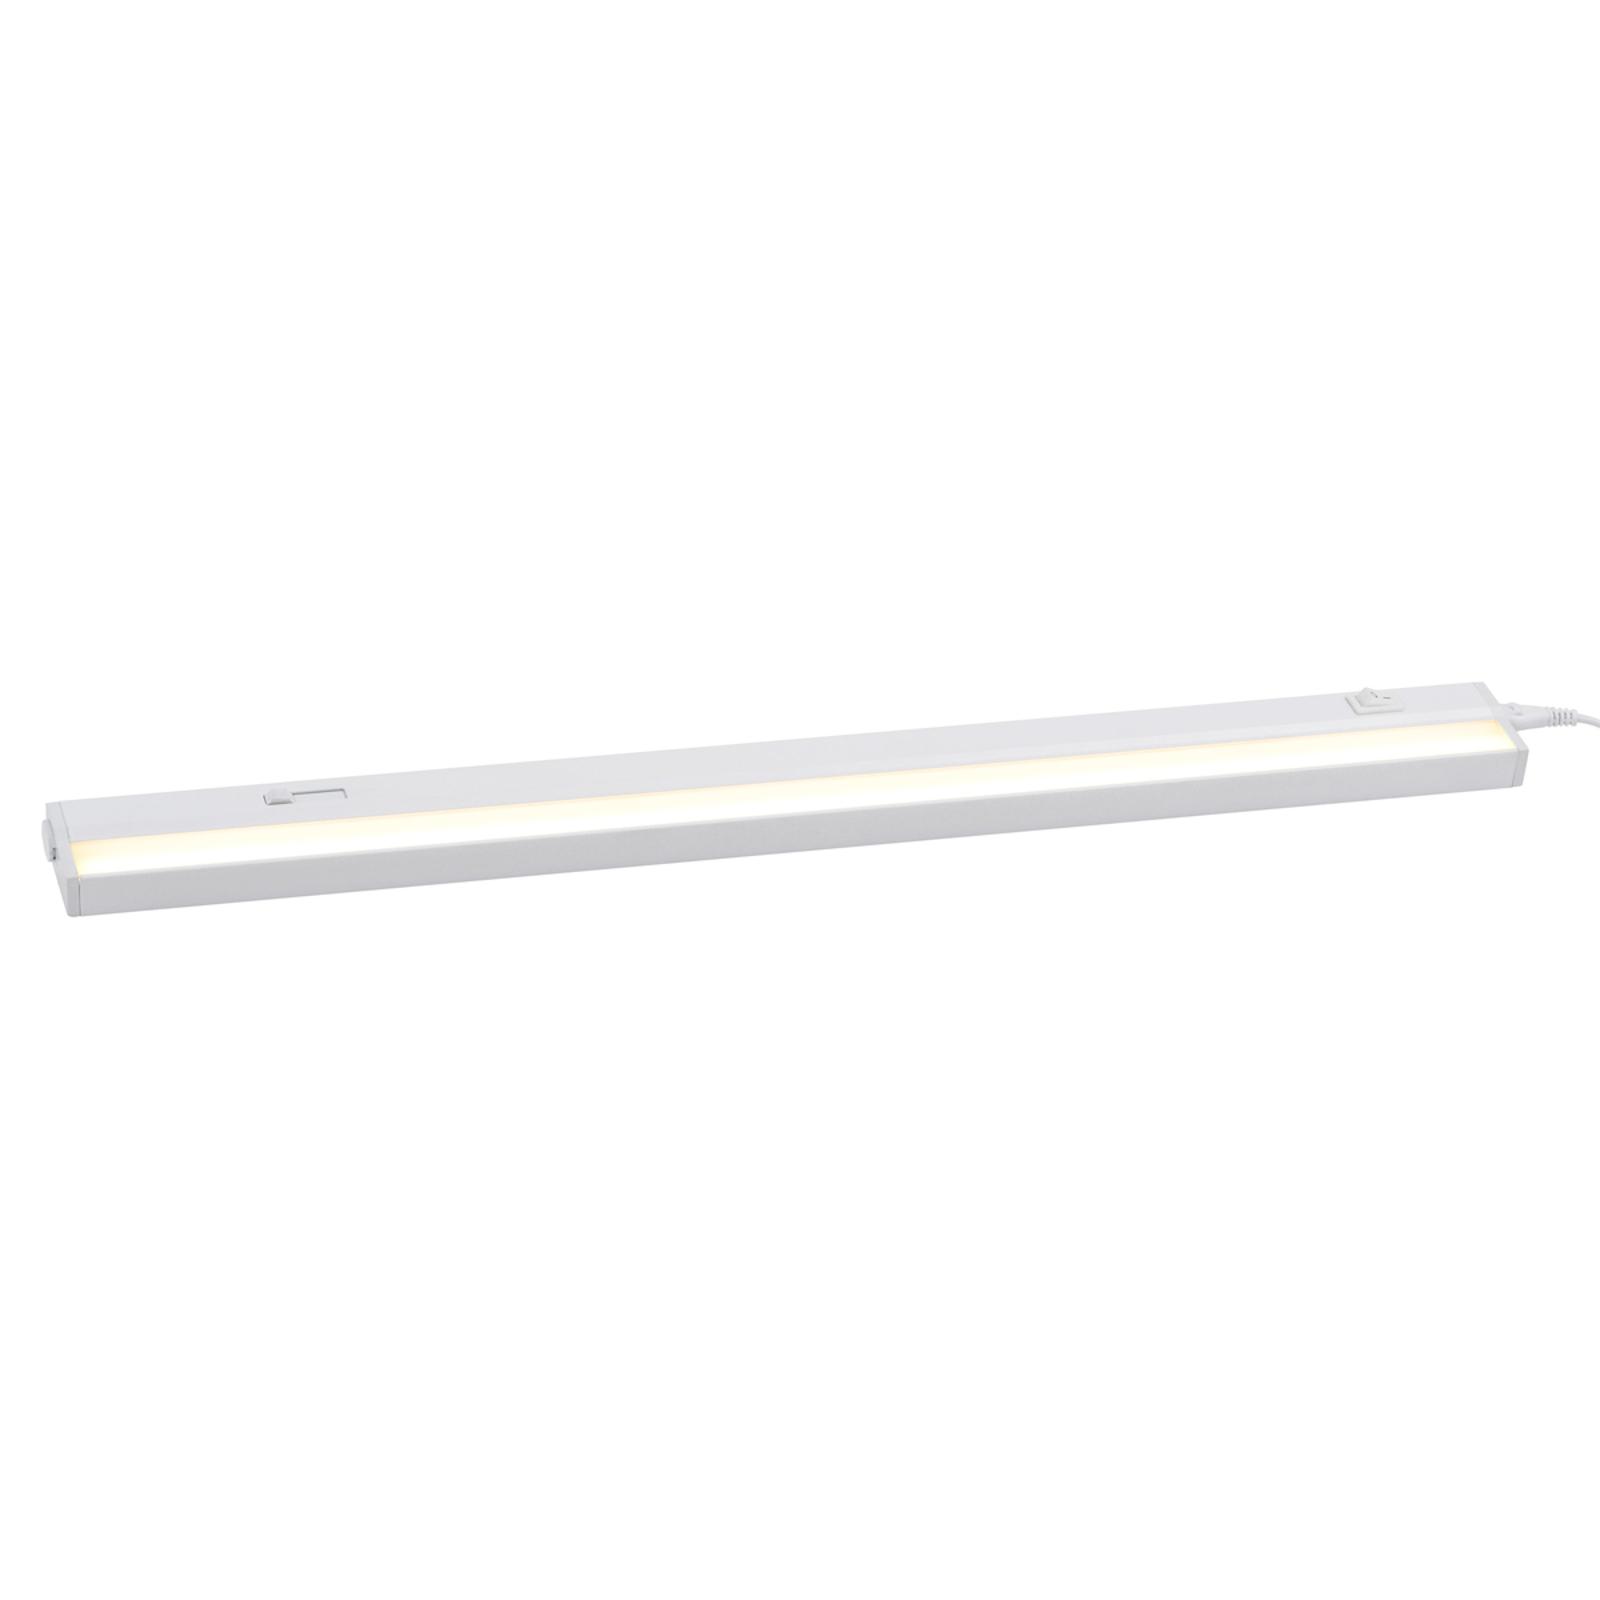 LED-benkebelysning Cabinet Light lengde 60,9 cm